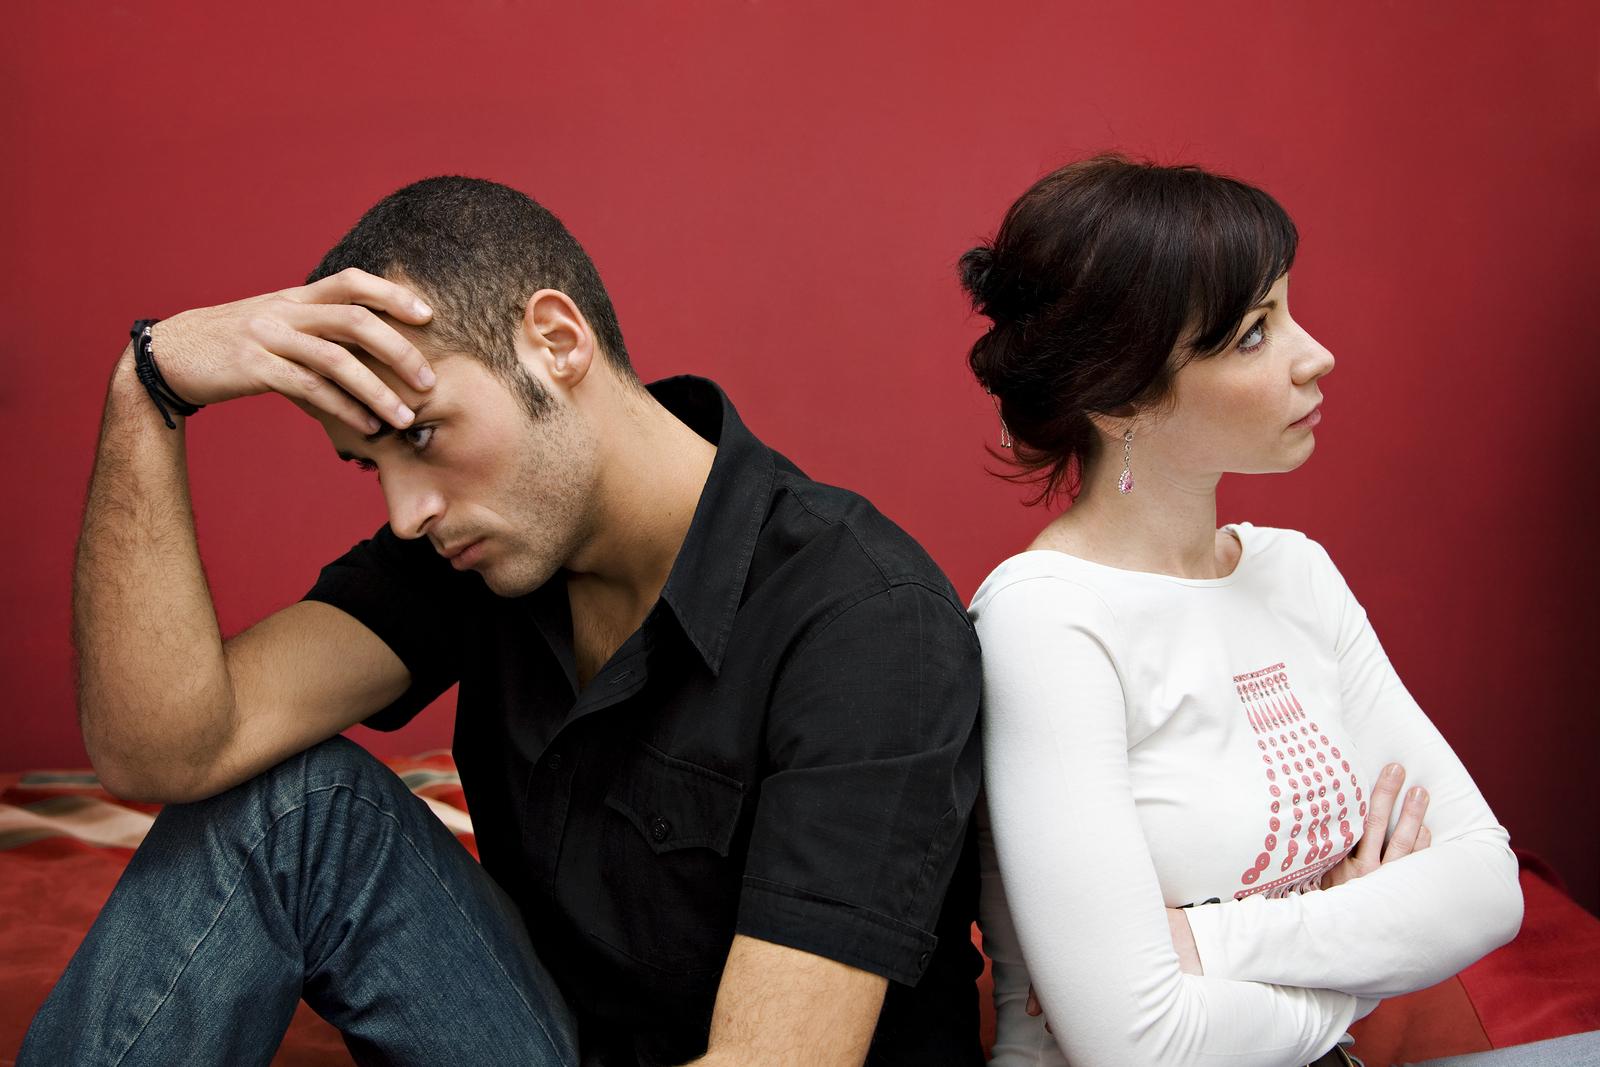 этими муж изменил хочет развода пришлось